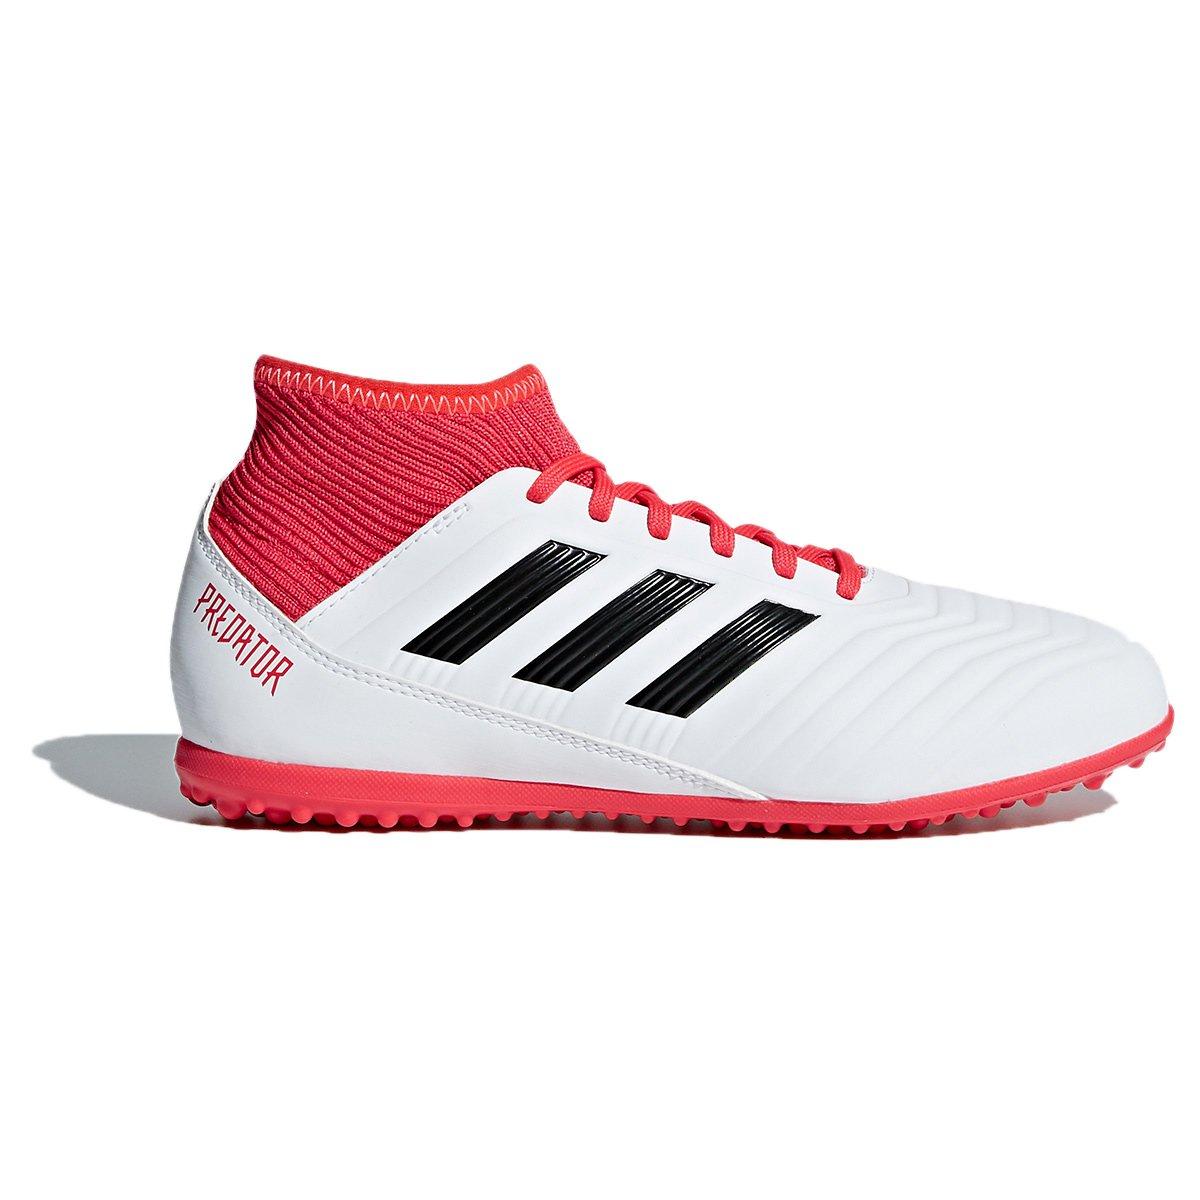 7b51452e2 Chuteira Society Infantil Adidas Predator 18.3 TF - Compre Agora ...